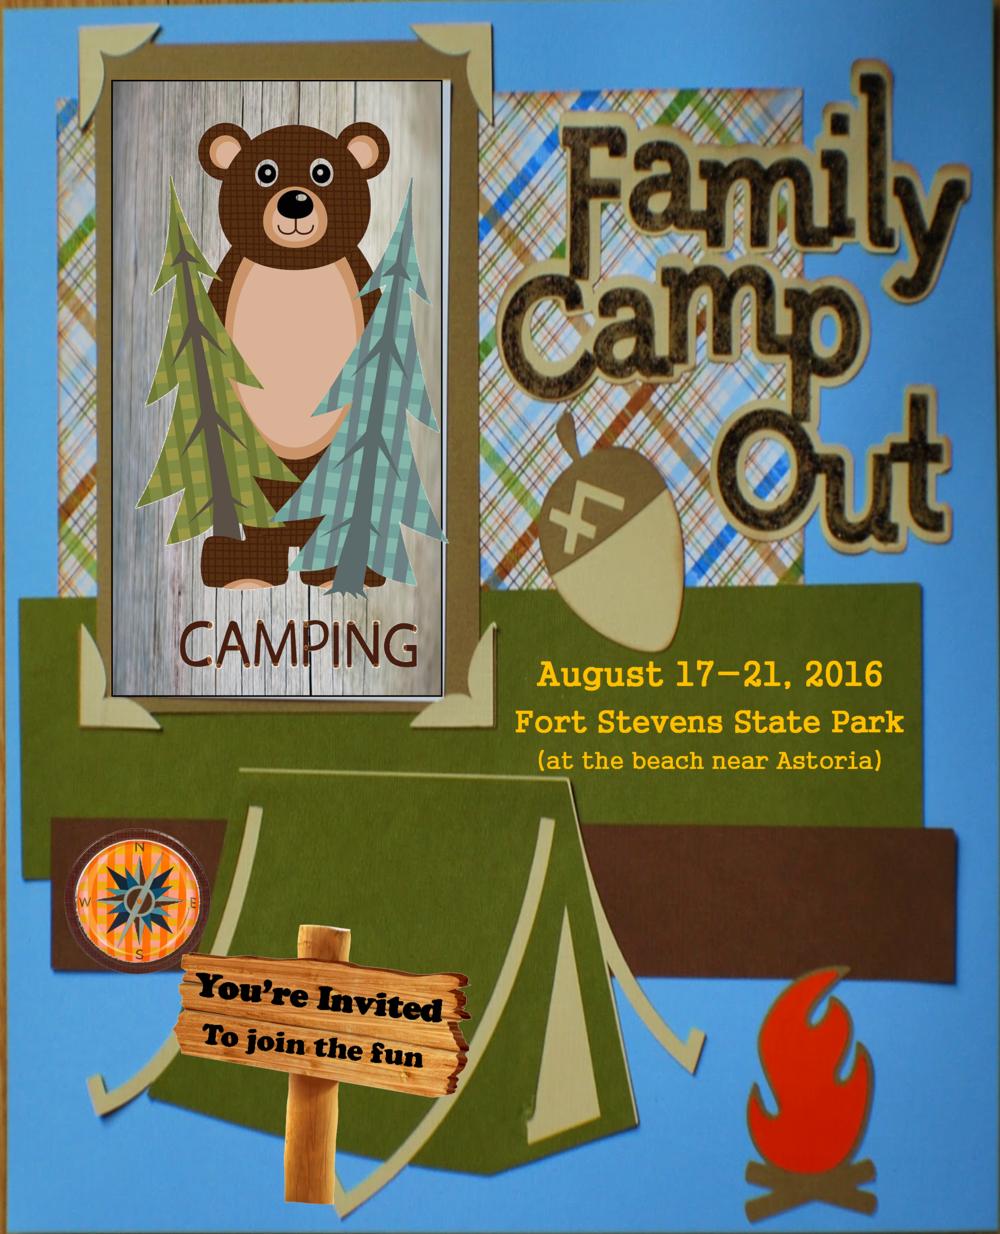 Camping Artwork.png